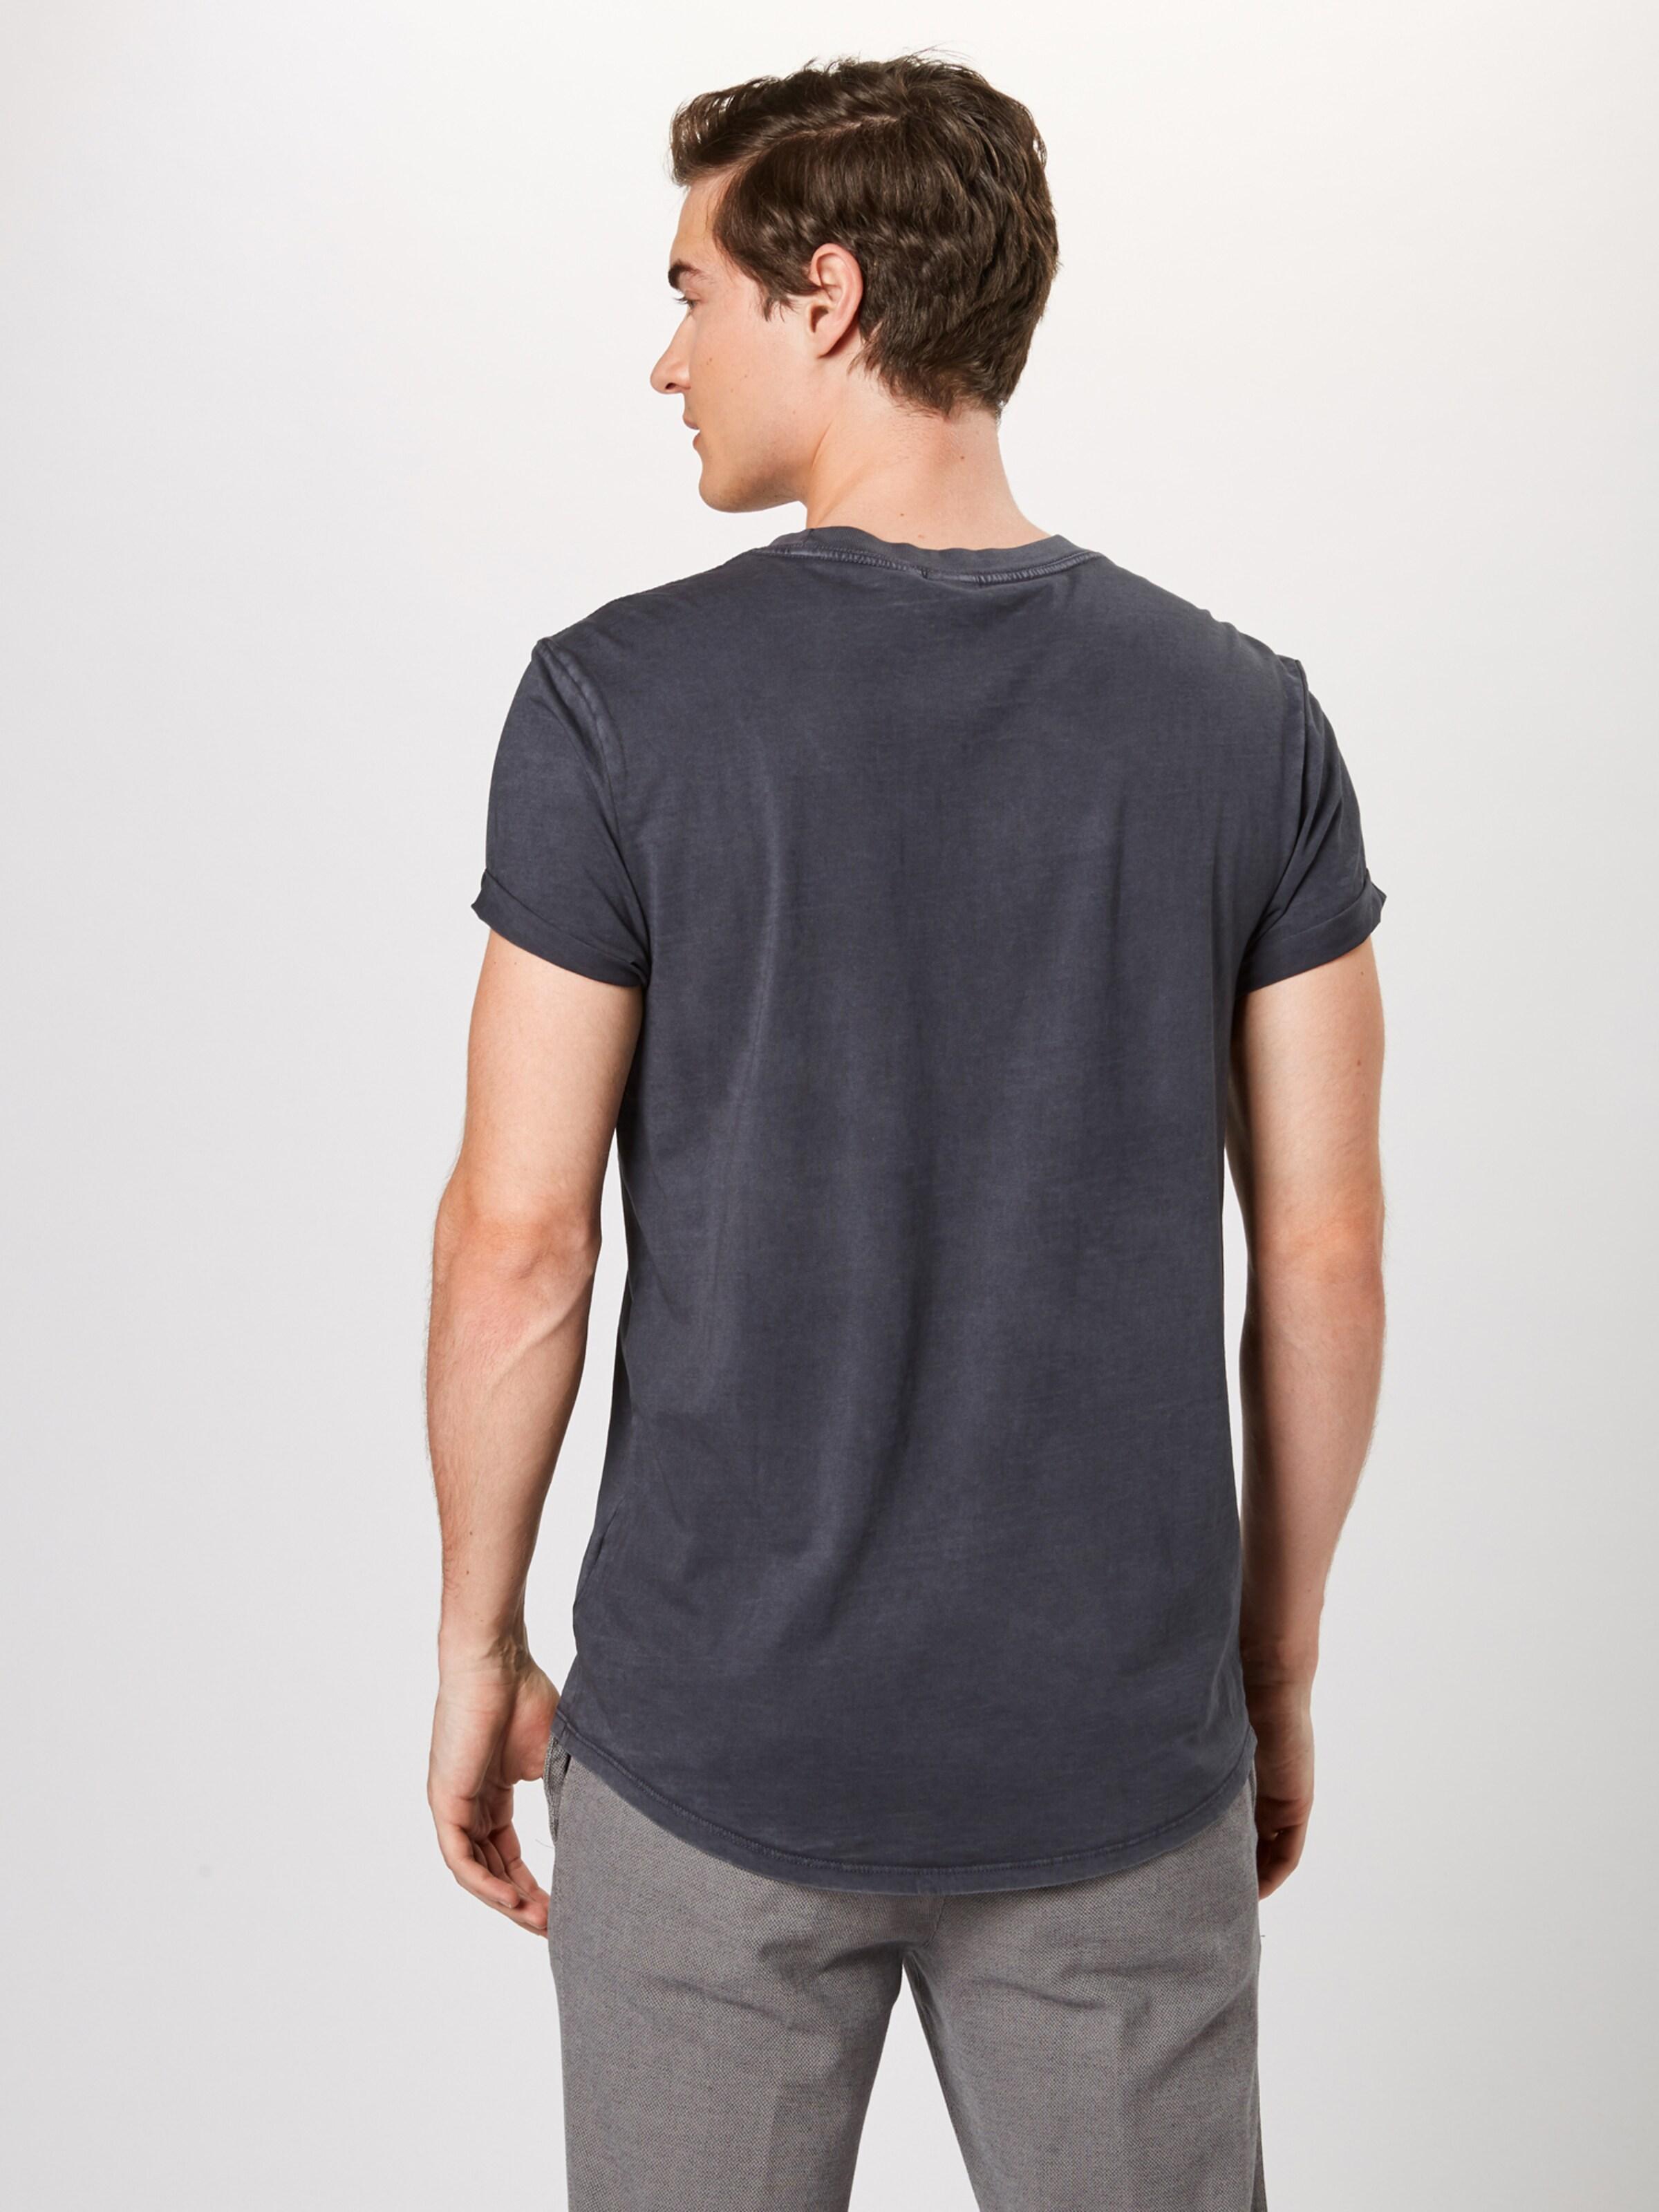 En 'shelo' T star Noir Raw shirt G trdoxBsChQ